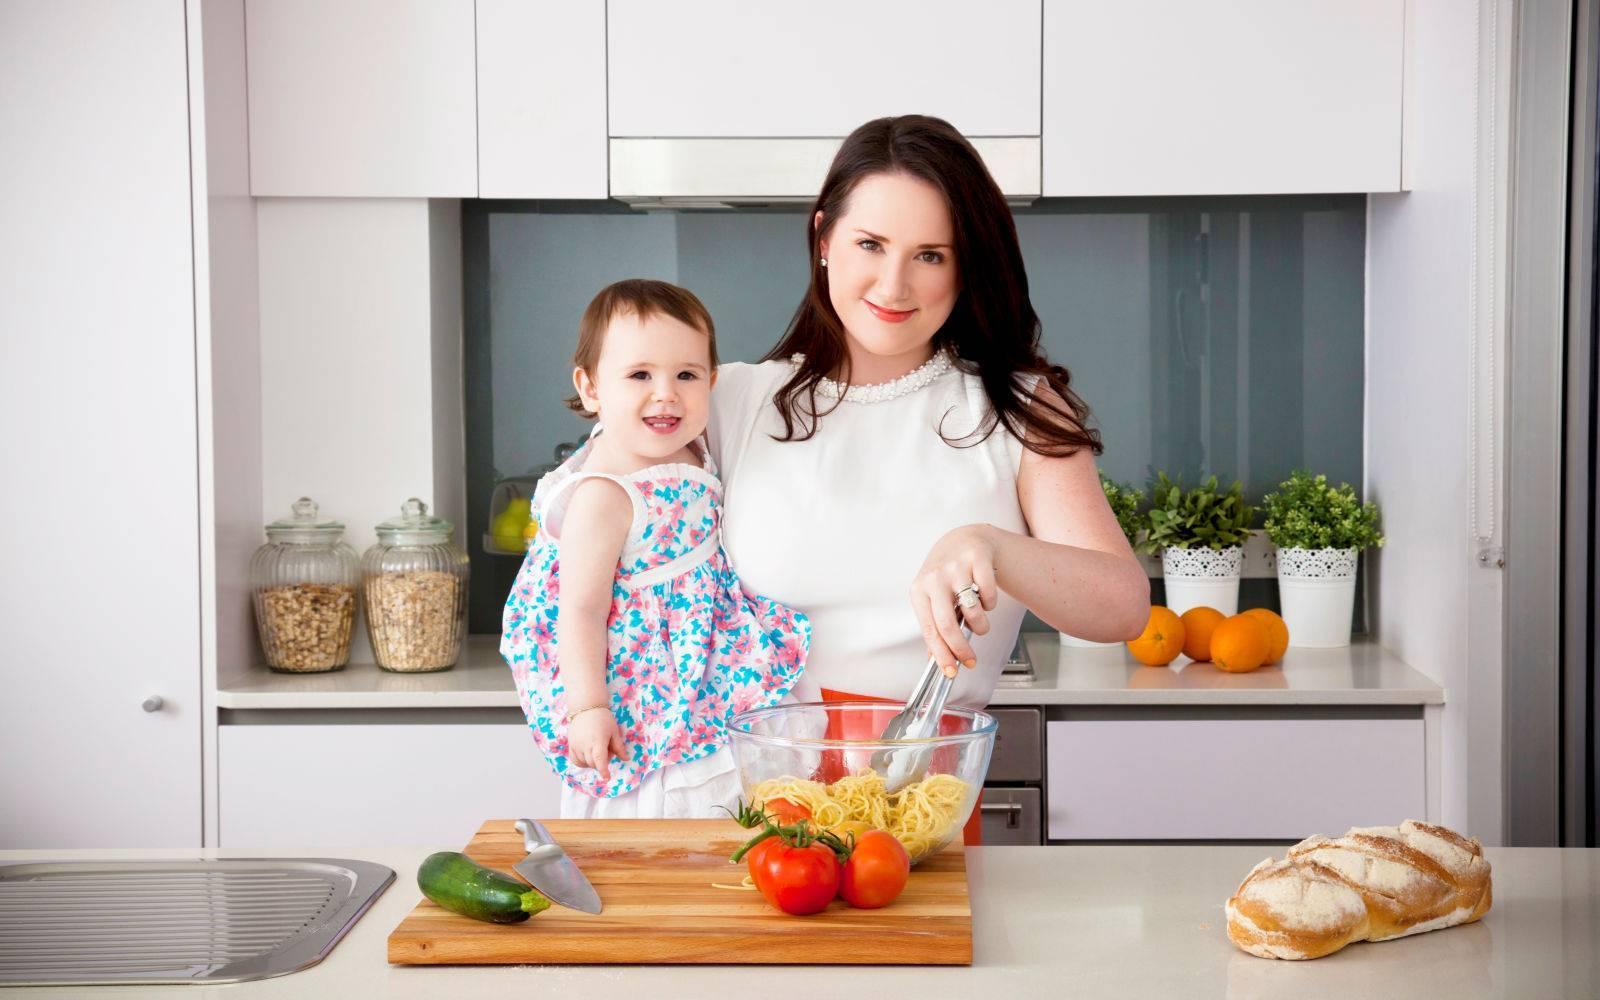 Какие фрукты можно есть кормящей маме? рацион женщины в первый месяц грудного вскармливания новорожденного, ограничения при кормлении грудью